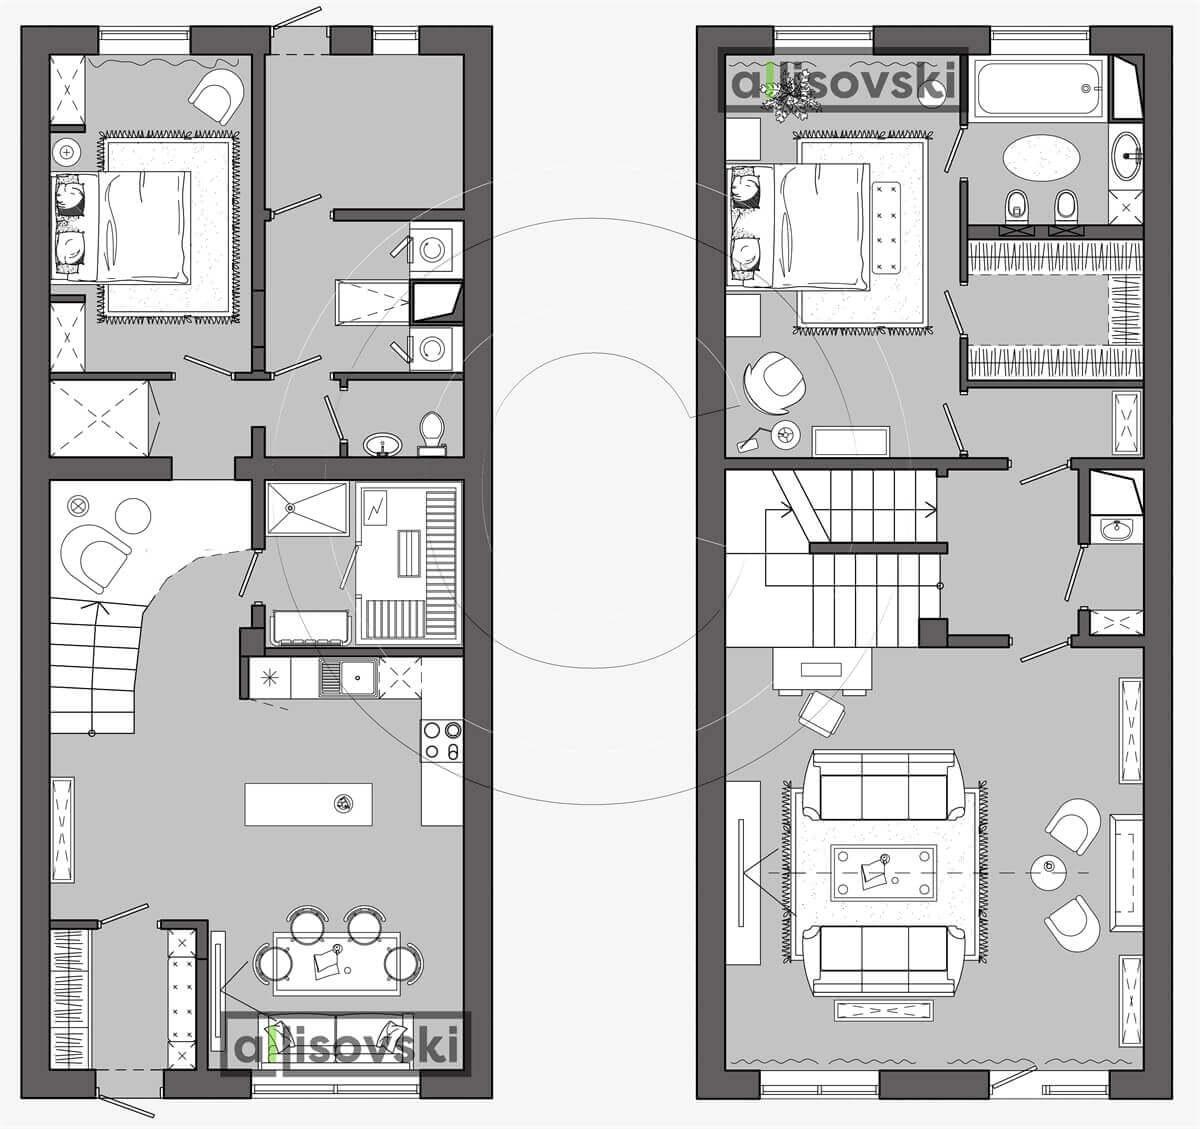 План перепланировка дома расположение мебели планировка чертежи 1